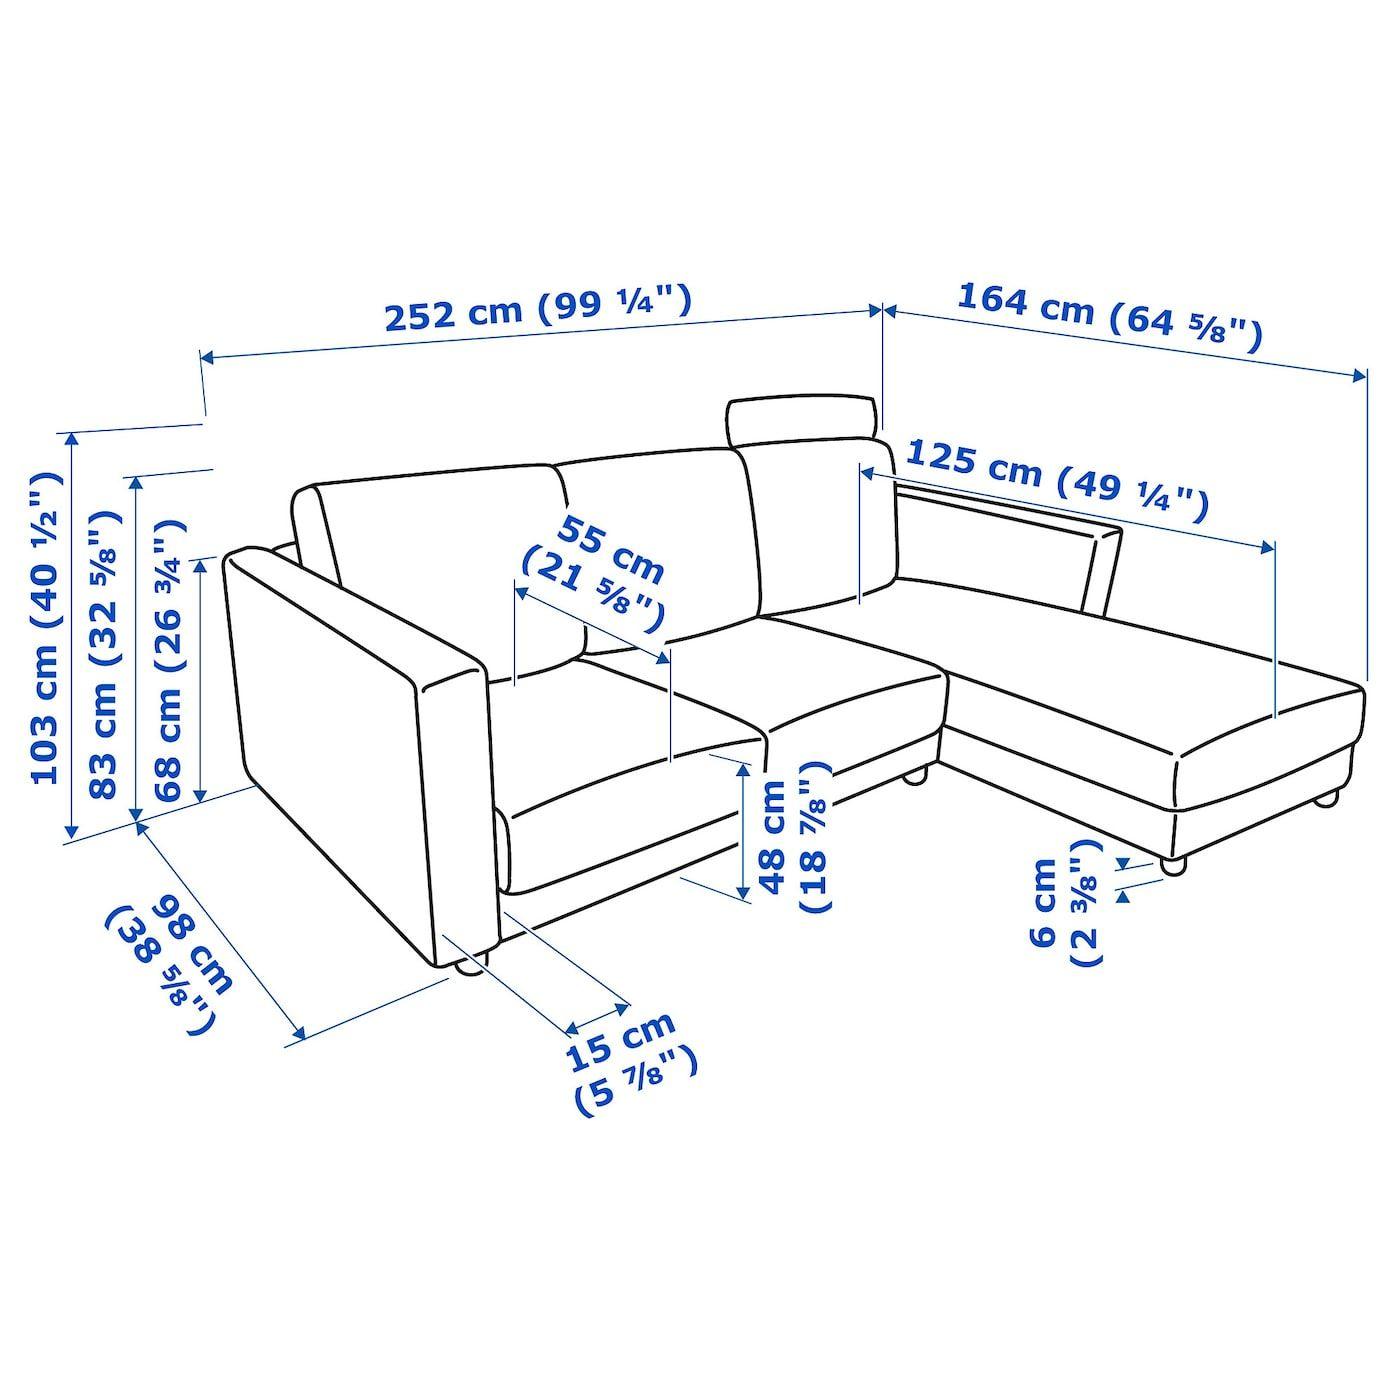 Vimle 3er Sofa Mit Recamiere Mit Nackenkissen Gunnared Mittelgrau Ikea Osterreich 3er Sofa Recamiere Und Ruckenpolster